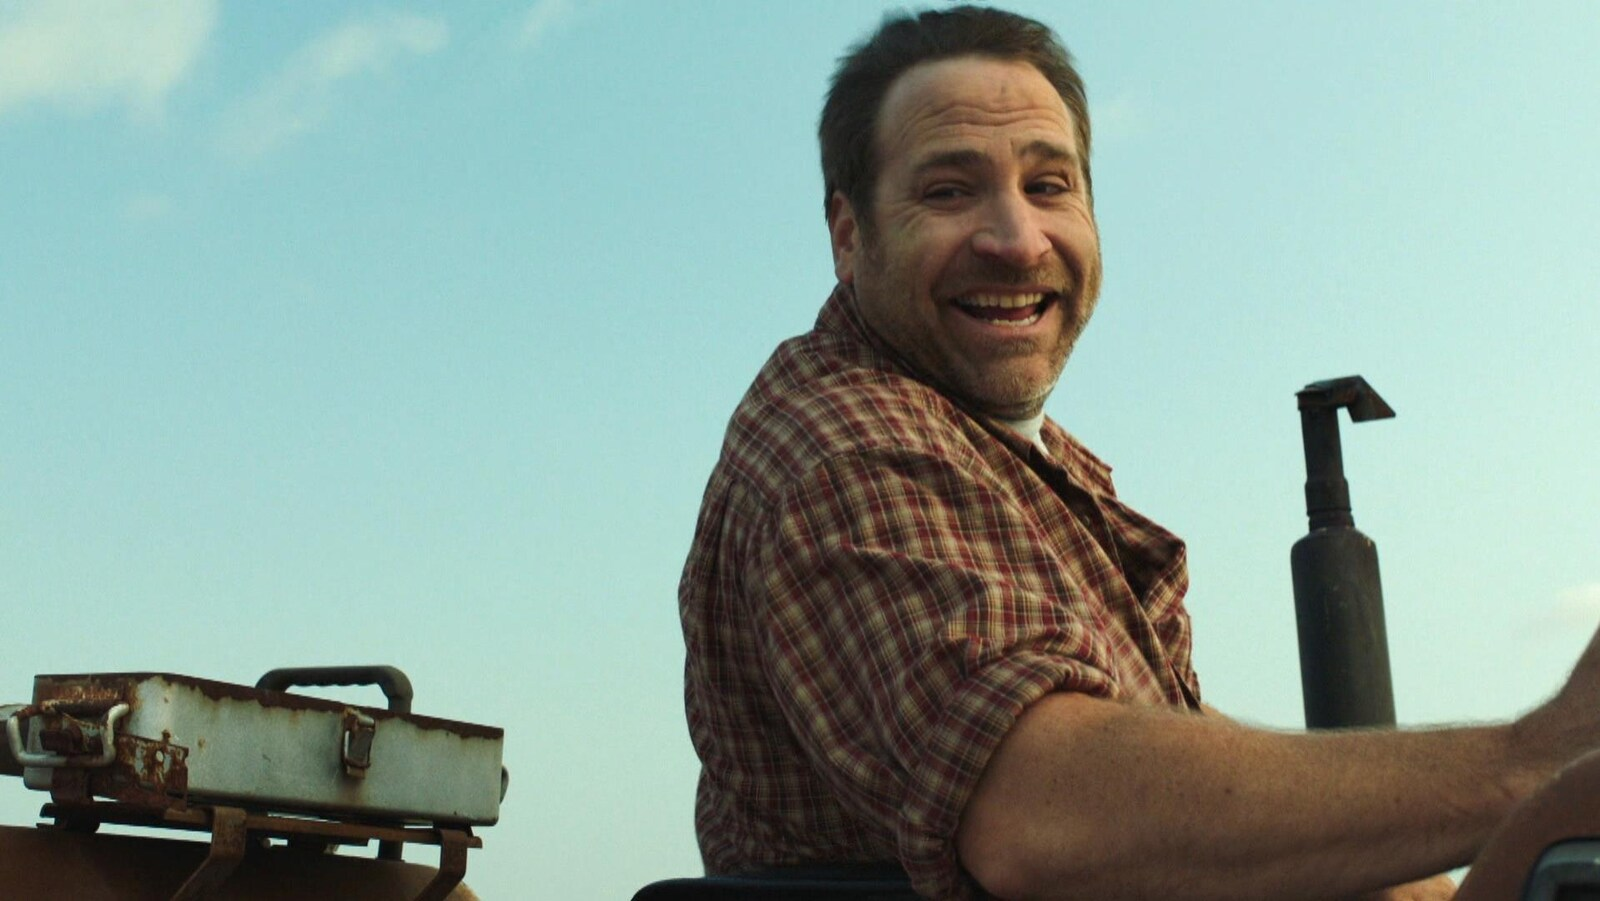 Un comédien sourit sur un camion à la ferme.